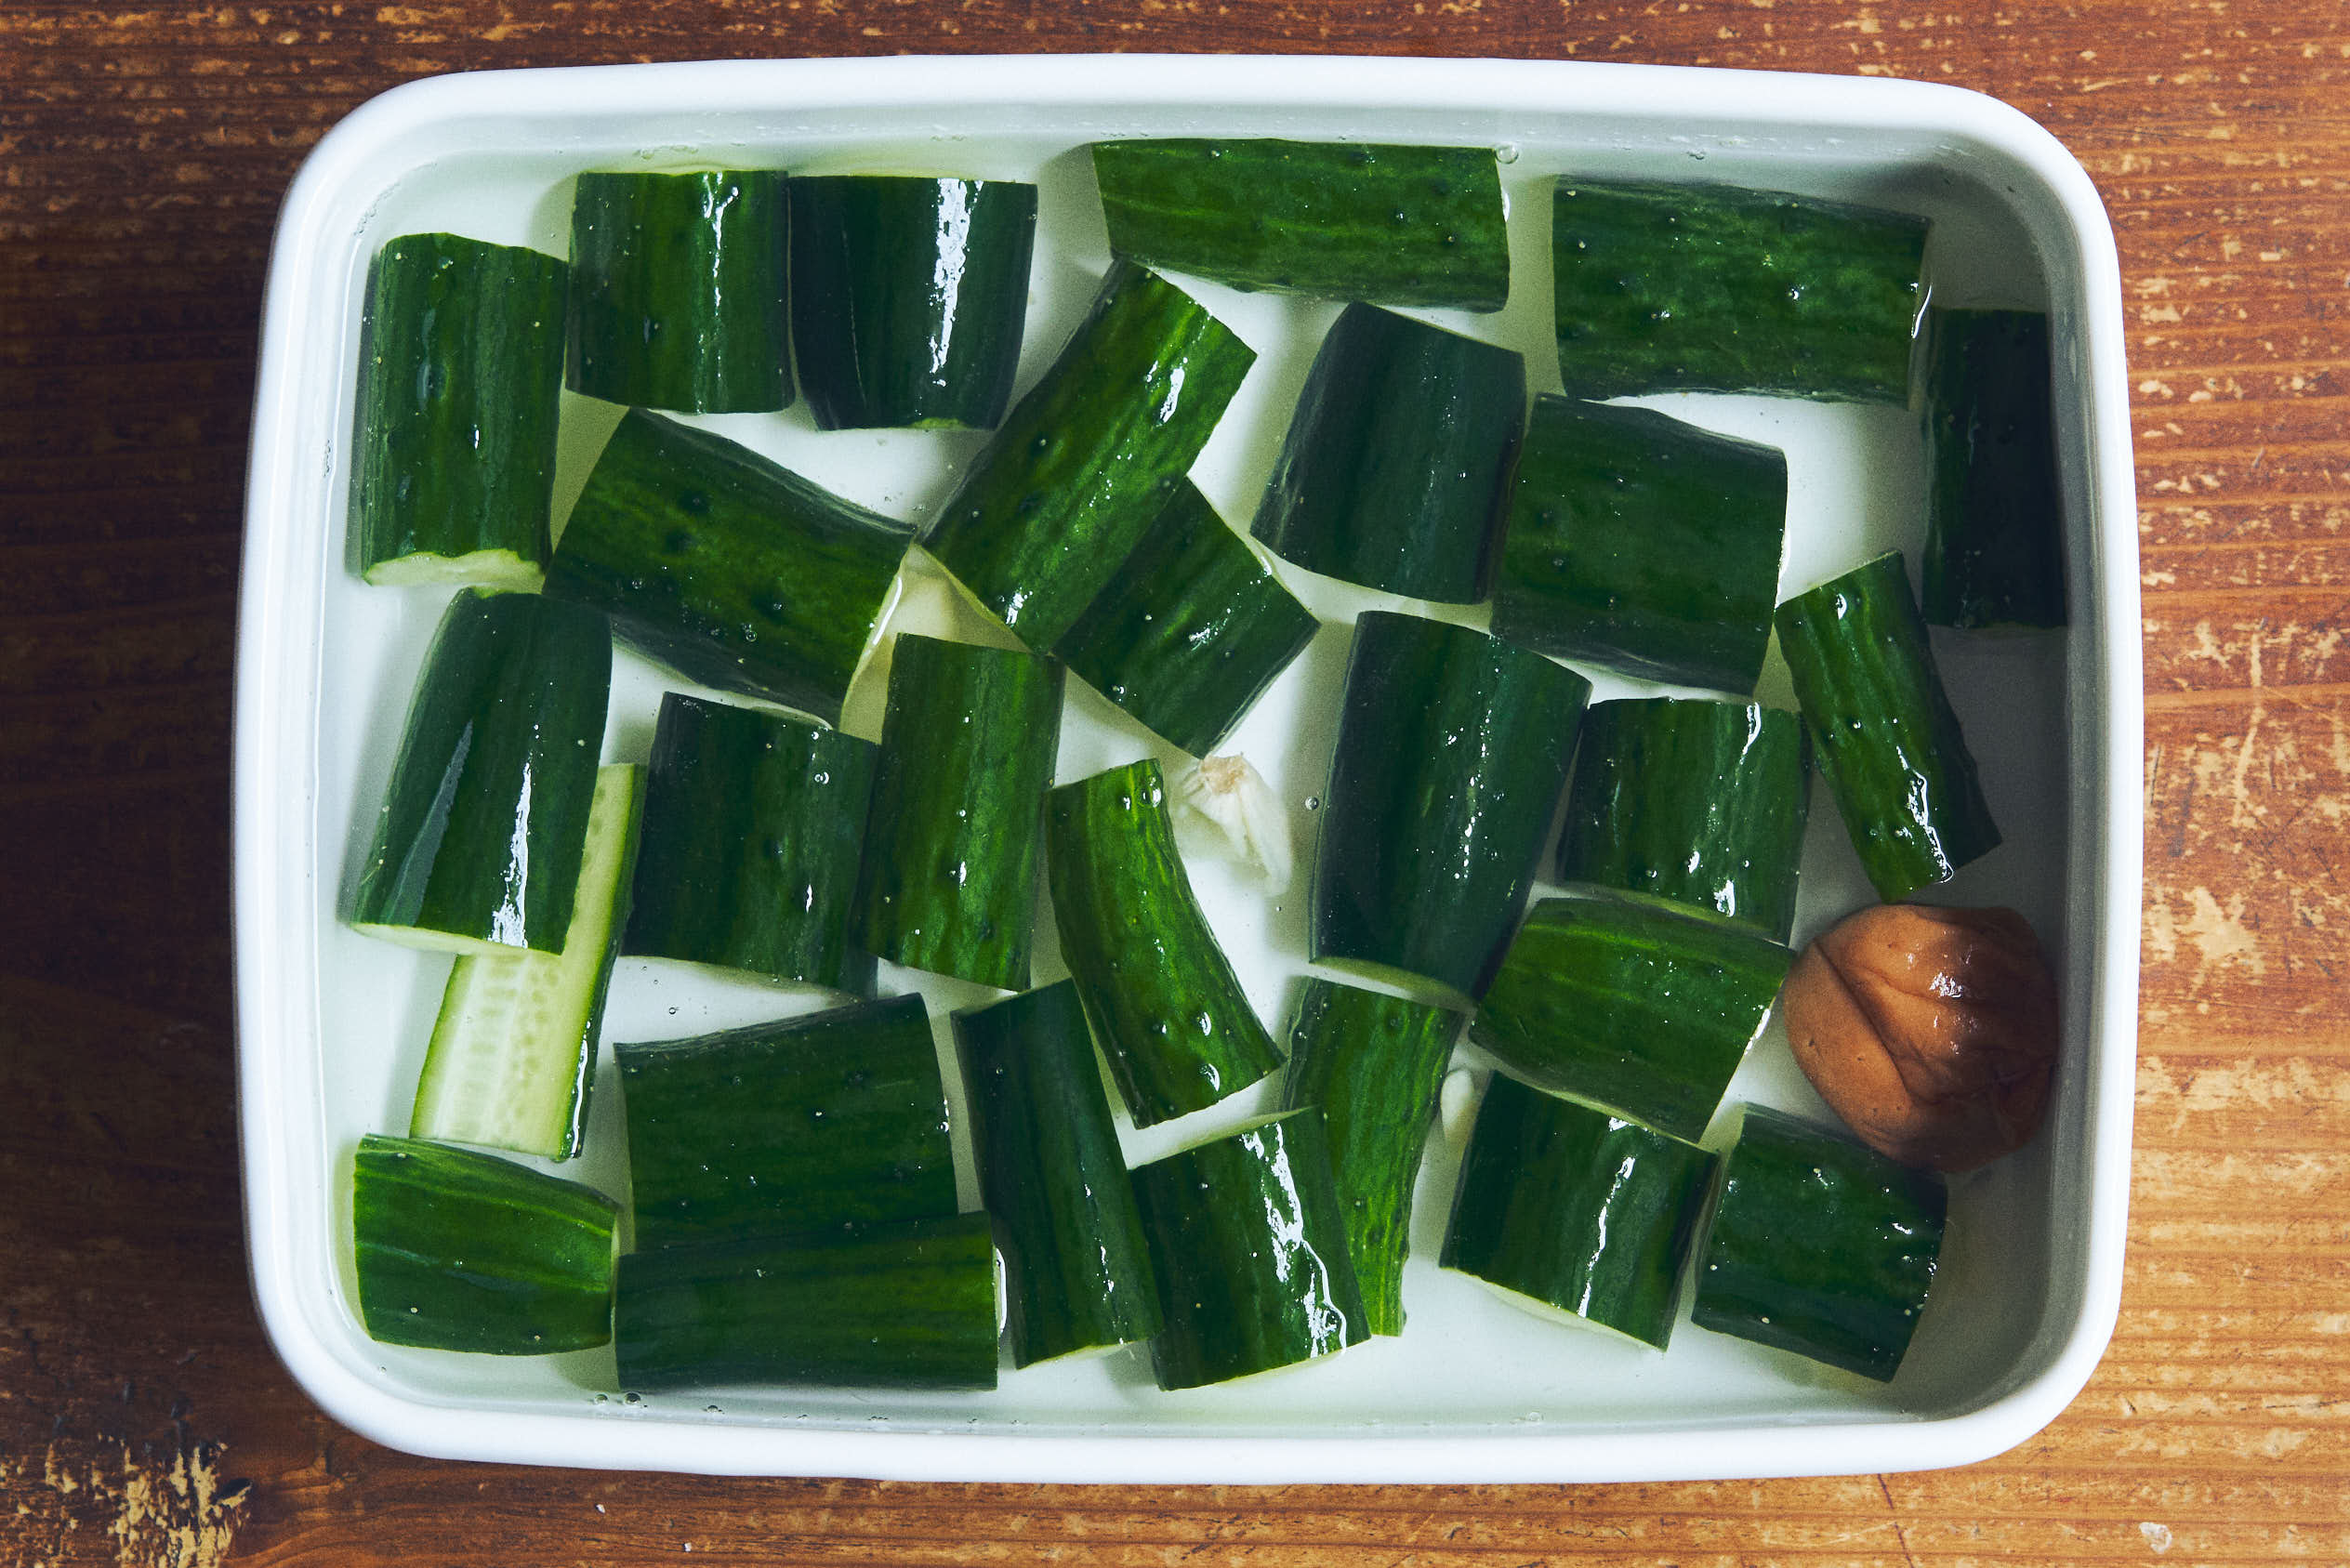 日持ち きゅうり 浅 漬け 【おつまみレシピ】きゅうり・白菜など浅漬けの作り方 重量の2%の塩が美味さの鍵!